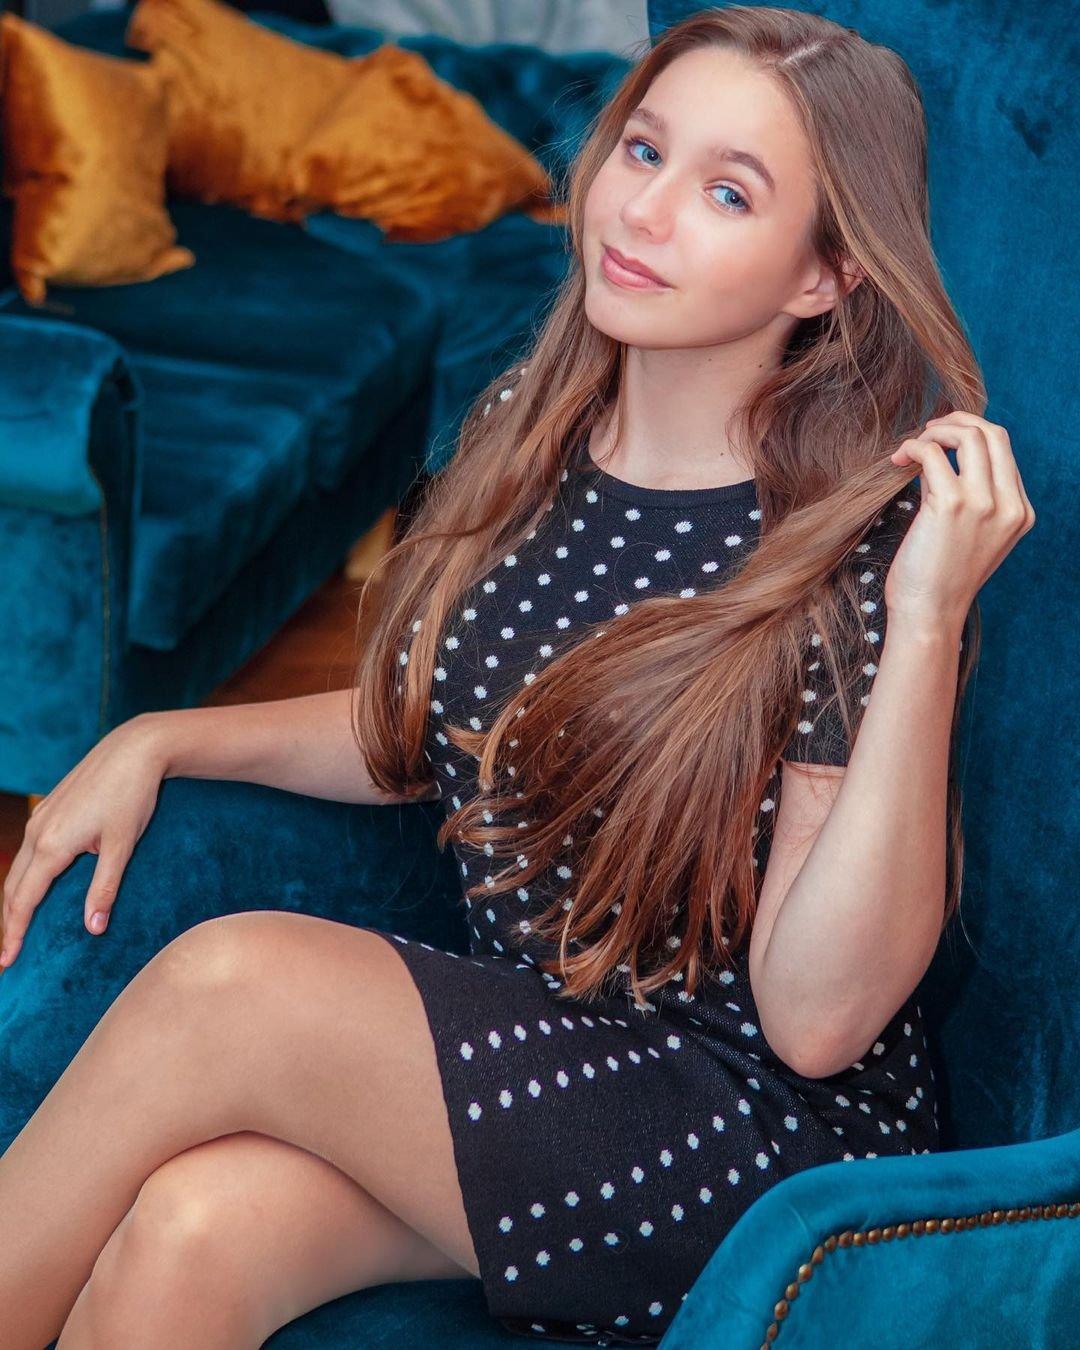 Дочь Юлии Началовой празднует свое 14-летие